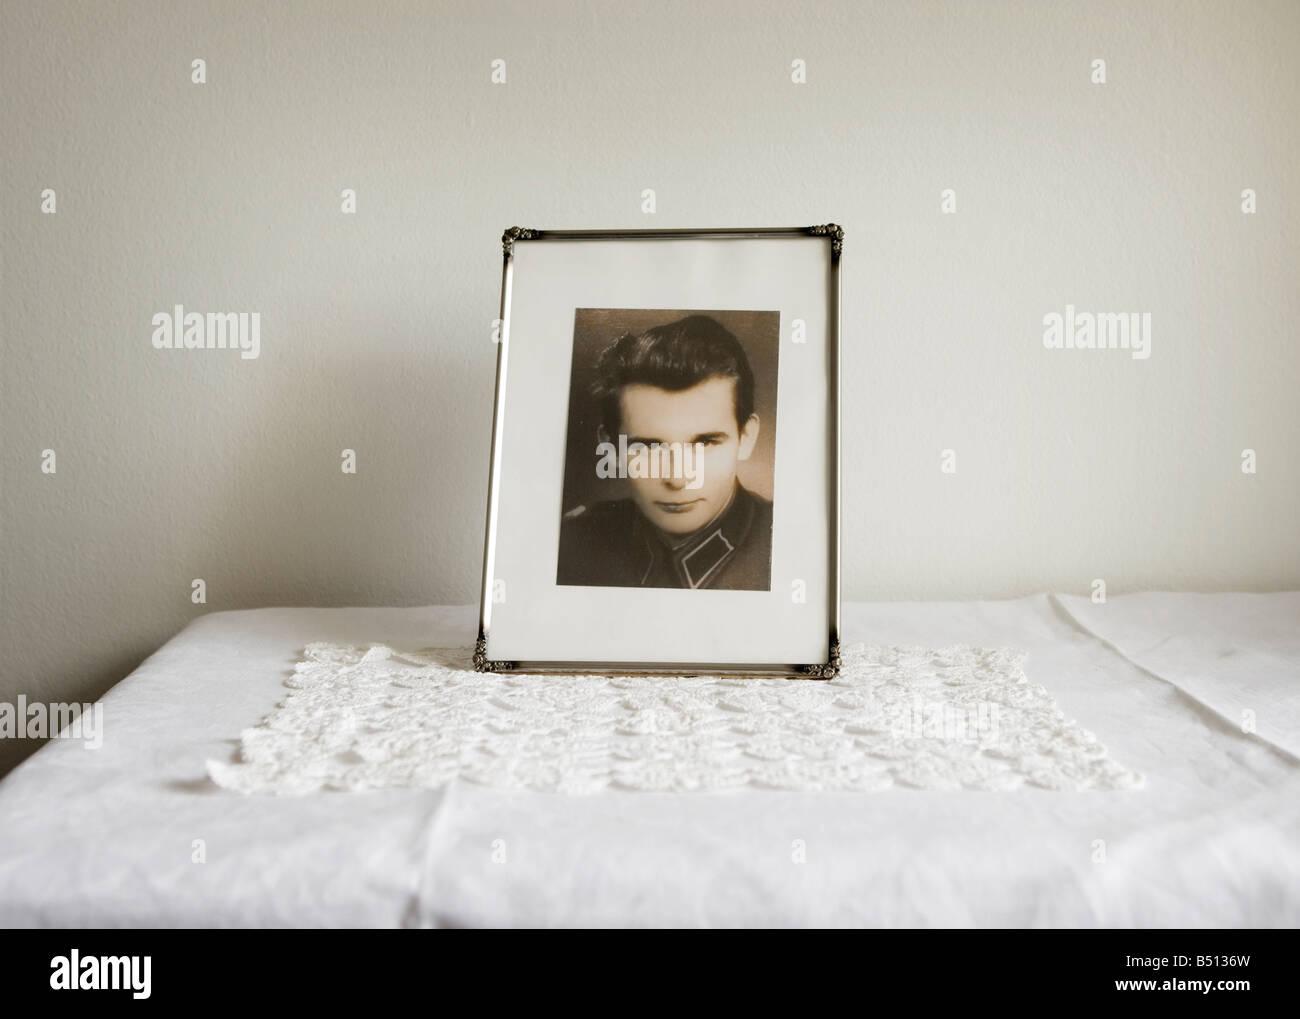 Gerahmte Foto auf einem Tisch Stockbild